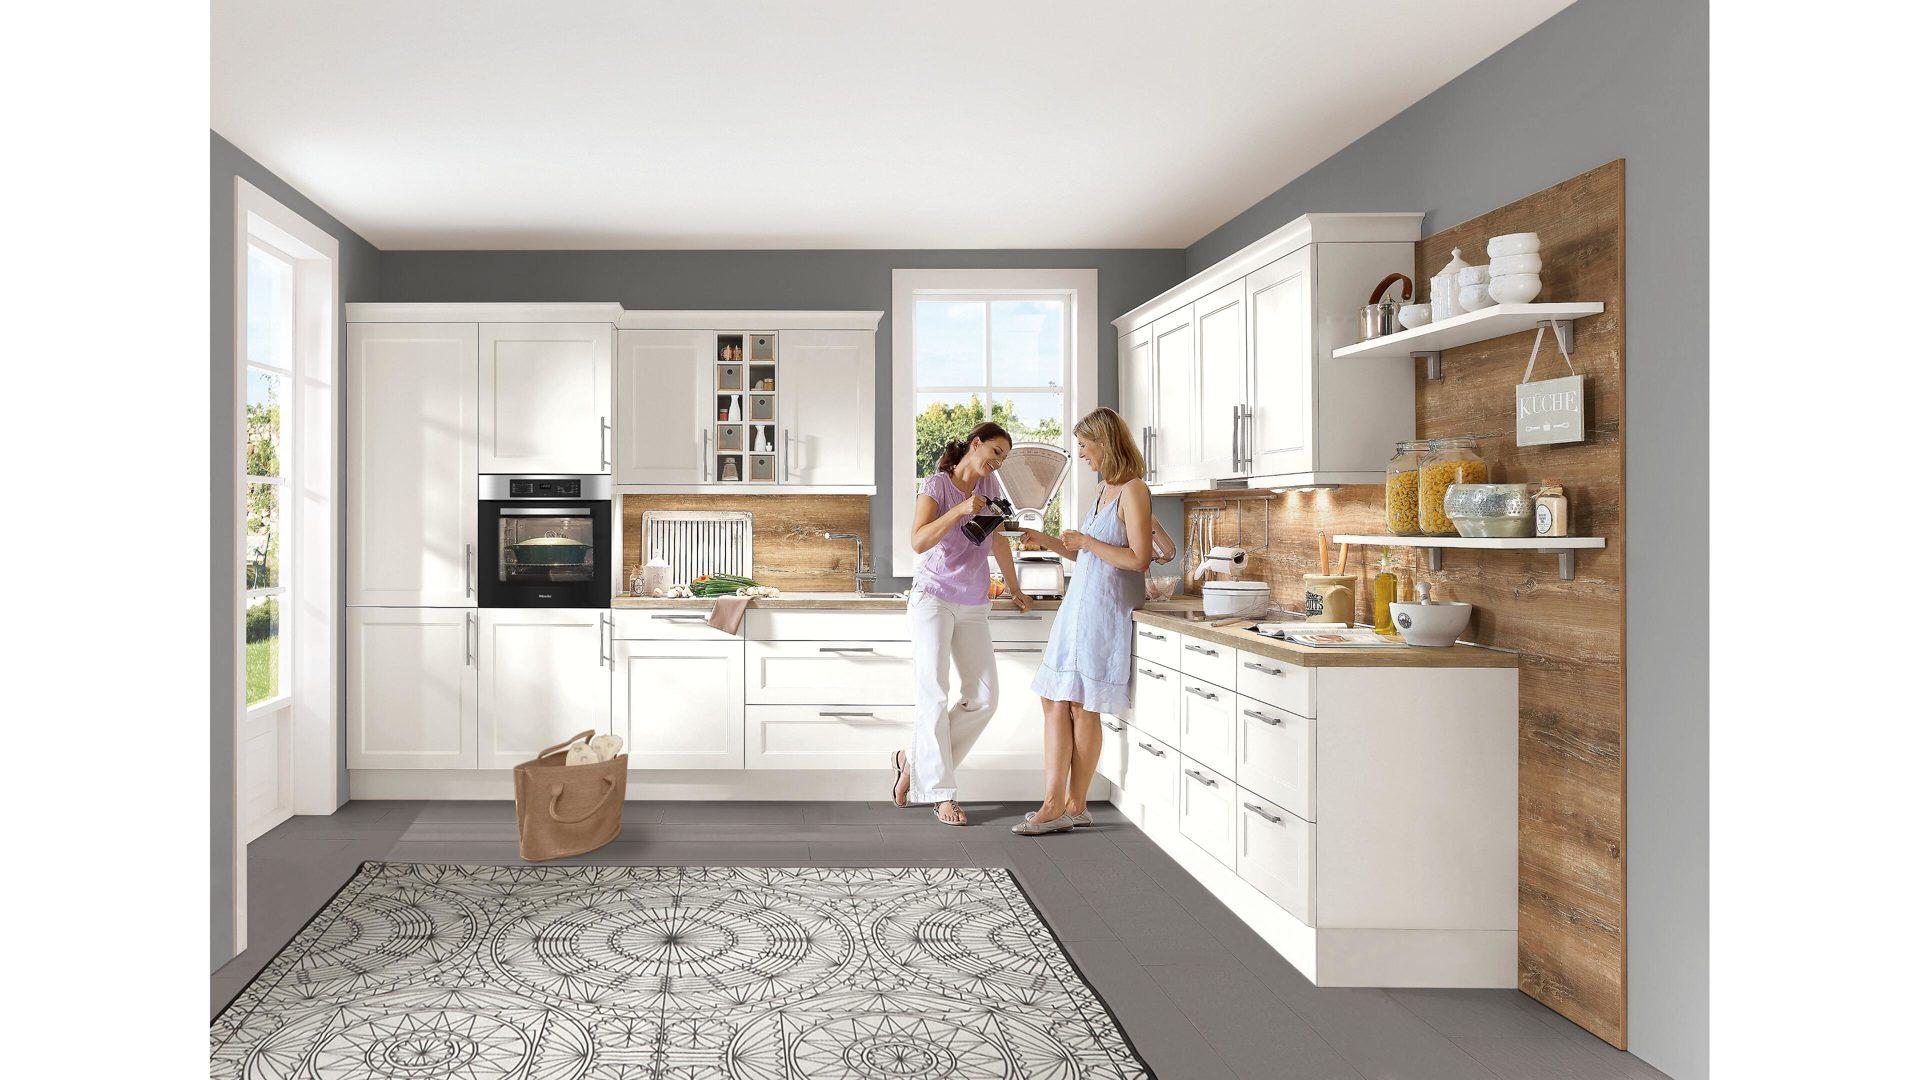 Küchen Einbauküche Interliving Küchenzeile Moderne Hochwertige